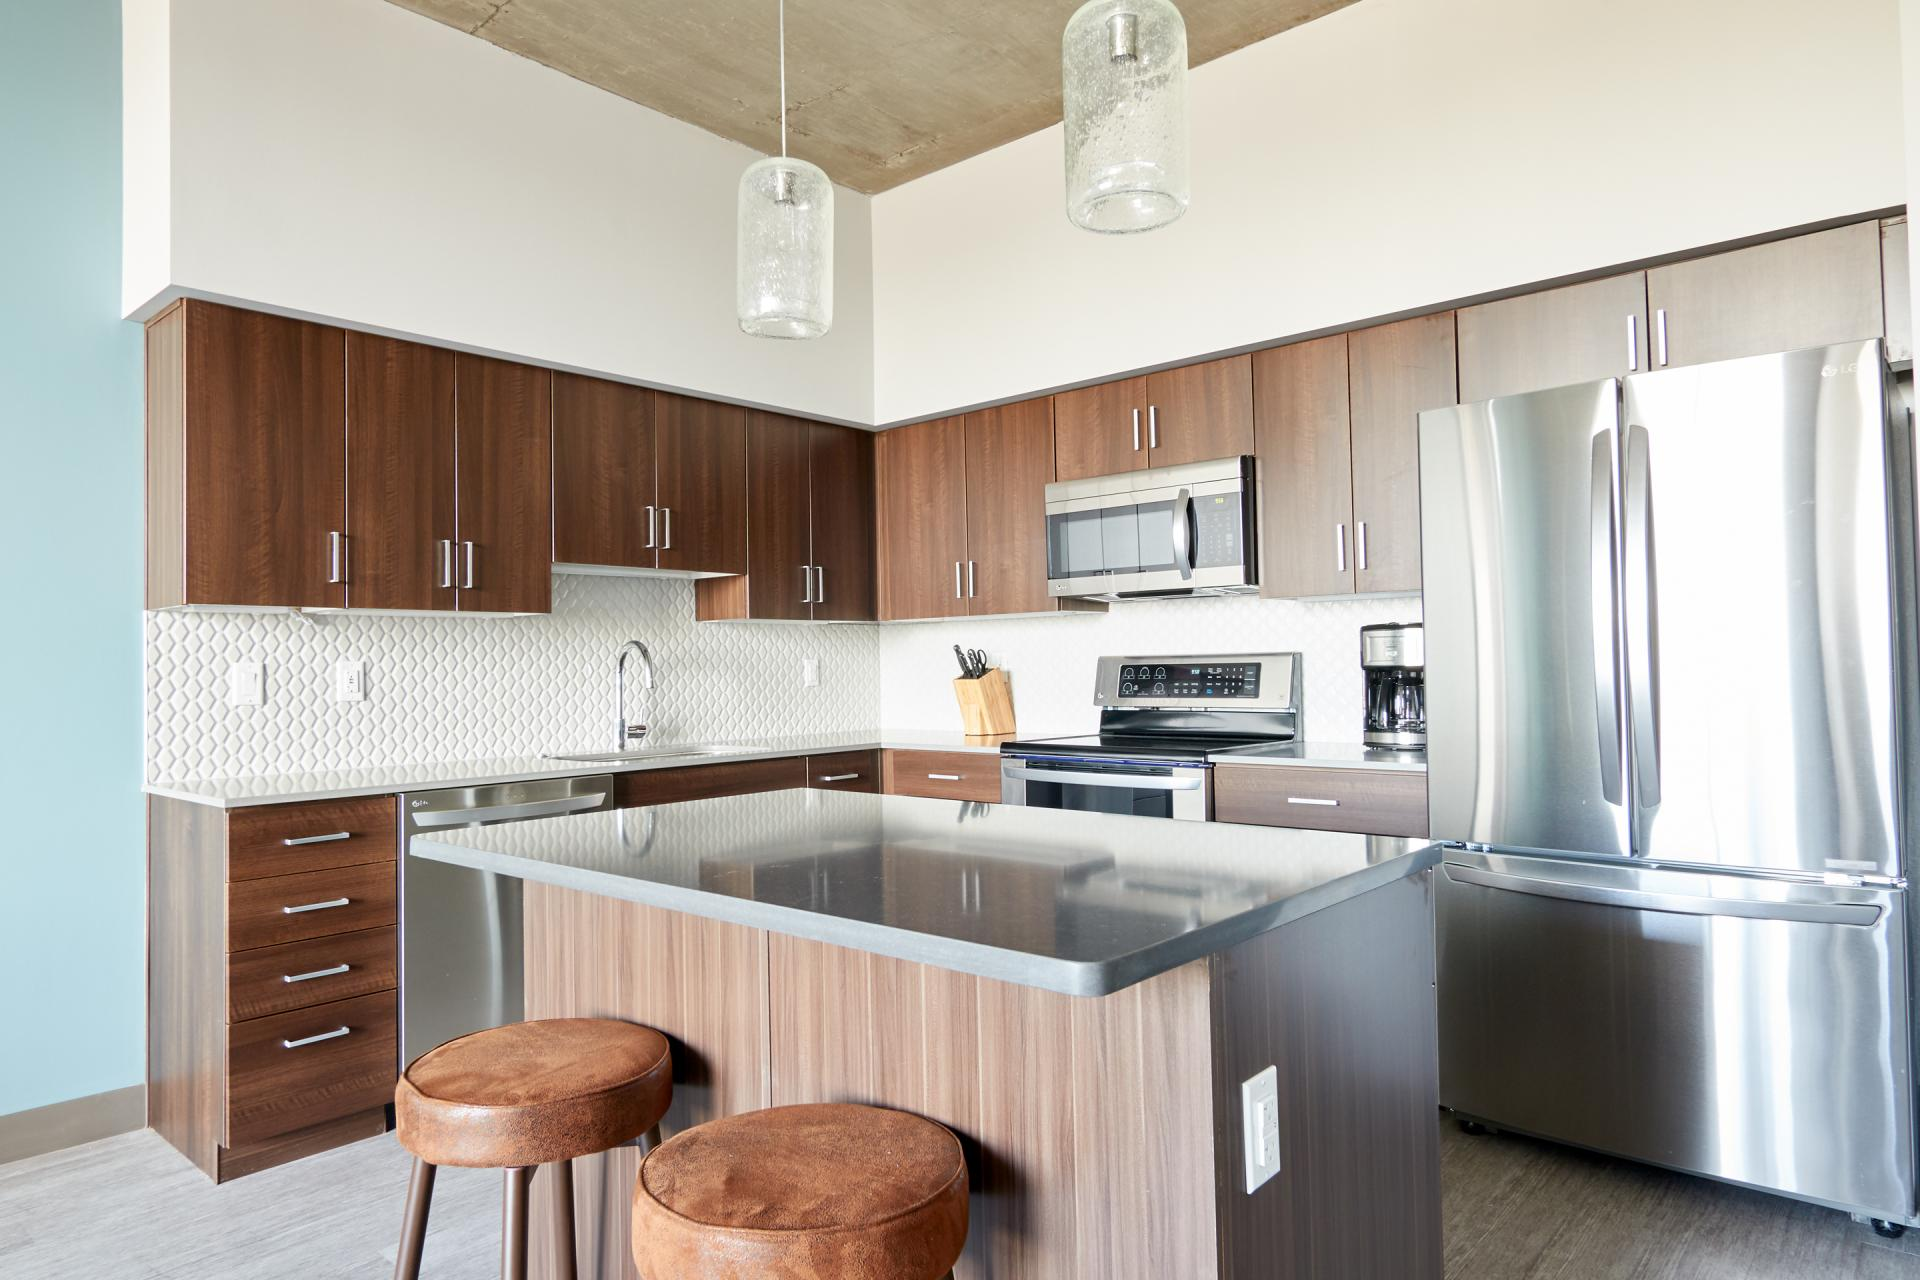 Kitchen at McKinley Apartments, Center, Phoenix